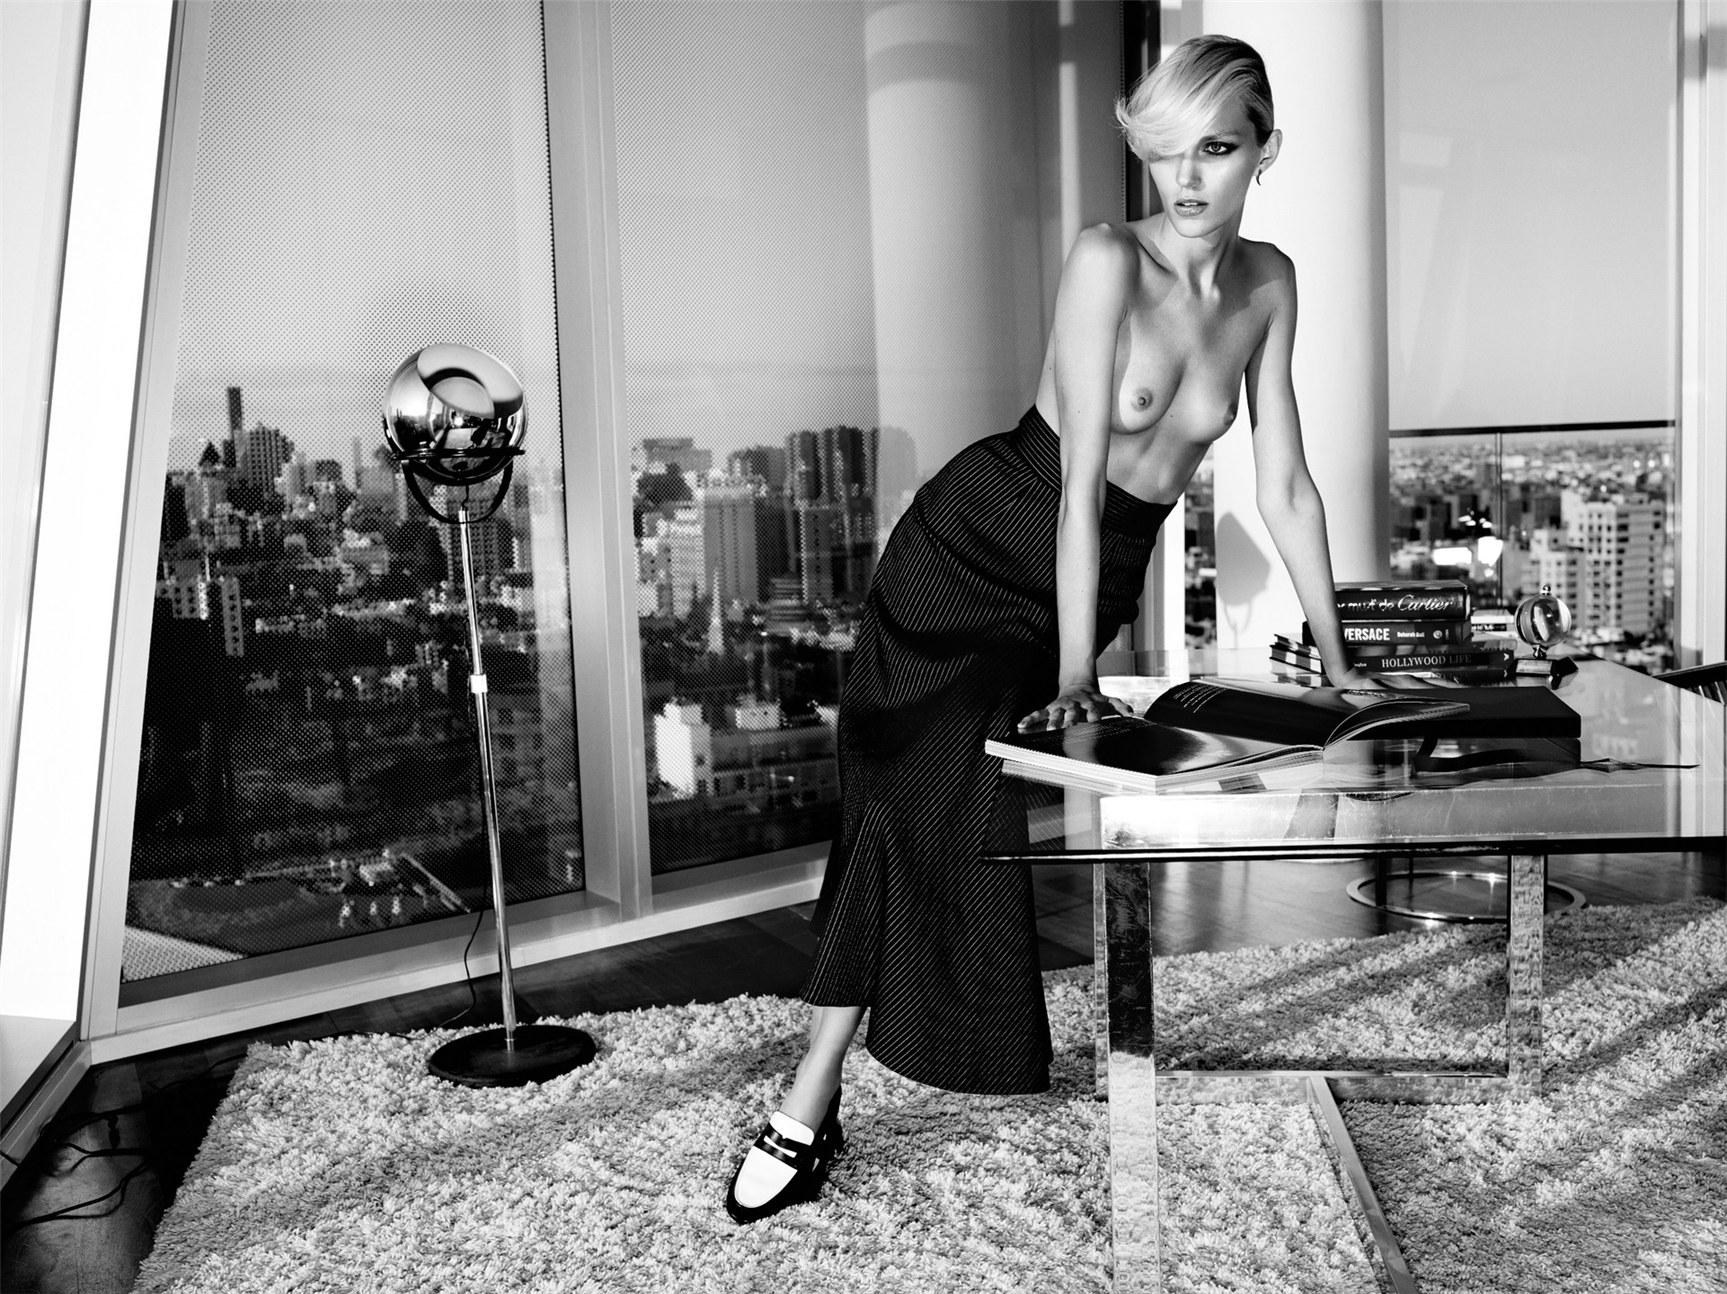 голая Аня Рубик / Anja Rubik by Paola Kudacki in Industrie Magazine #6, 2013